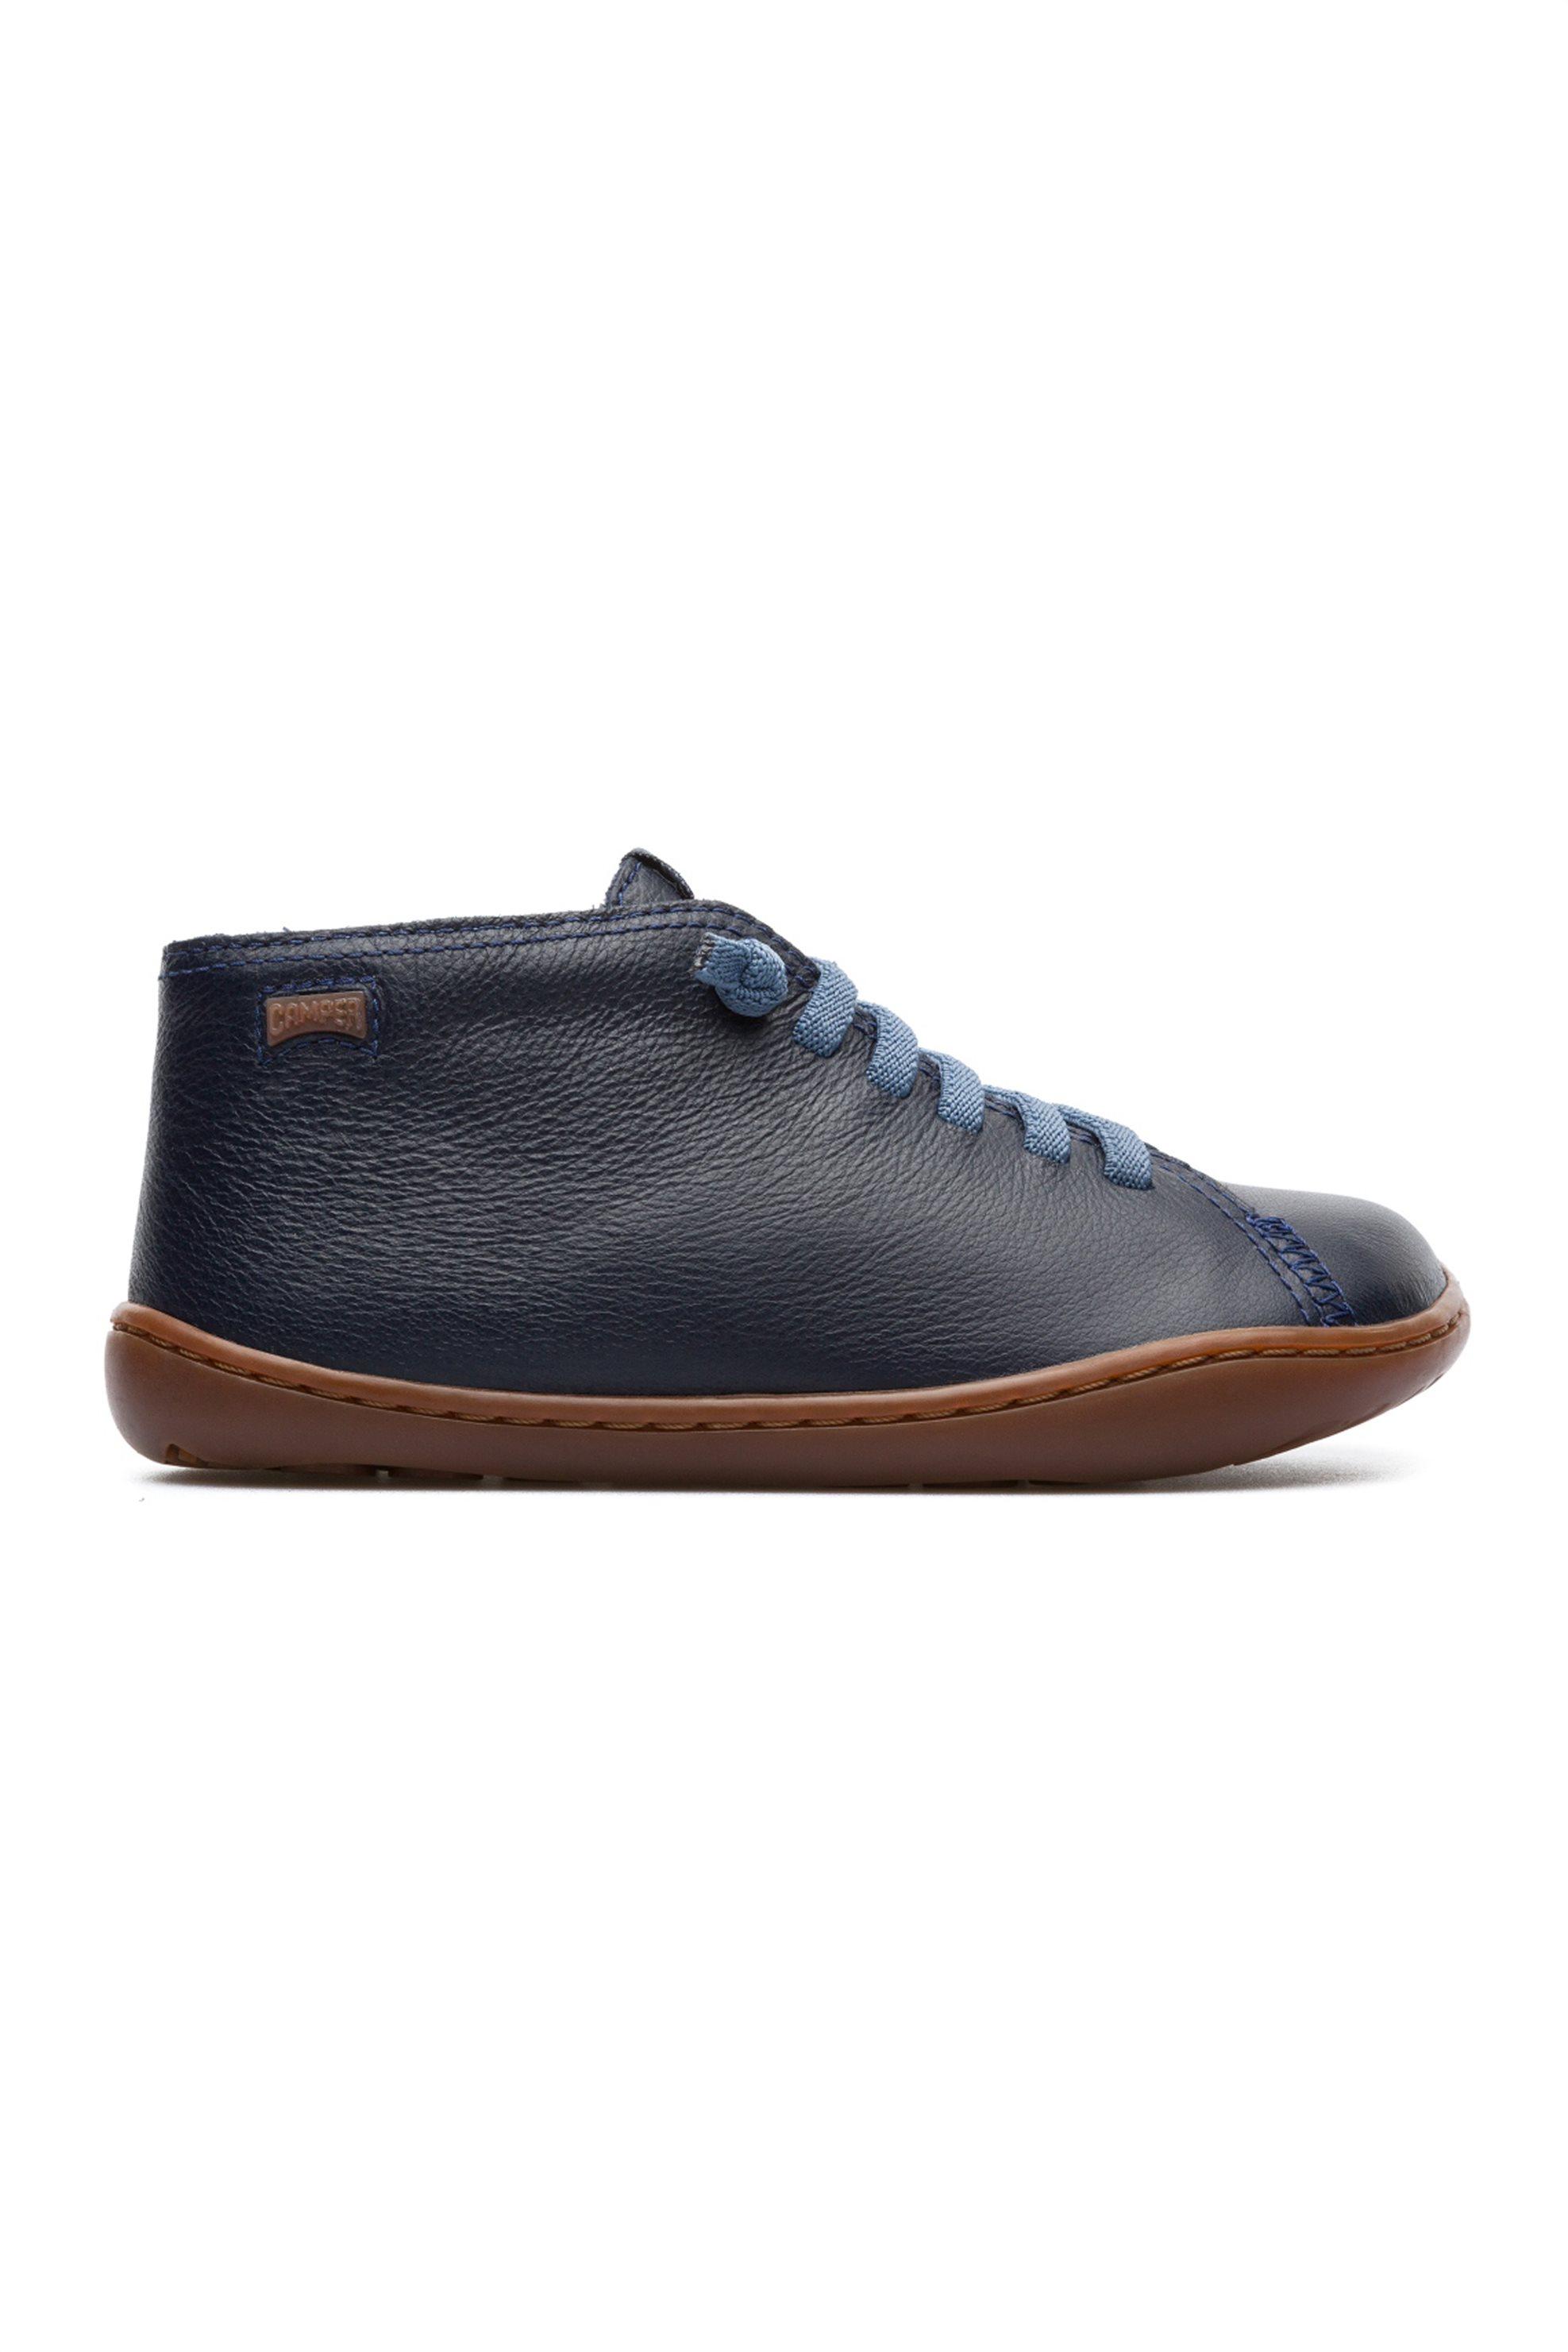 Camper παιδικά παπούτσια σκούρα μπλε Peu - 90019-072-2 - Μπλε Σκούρο